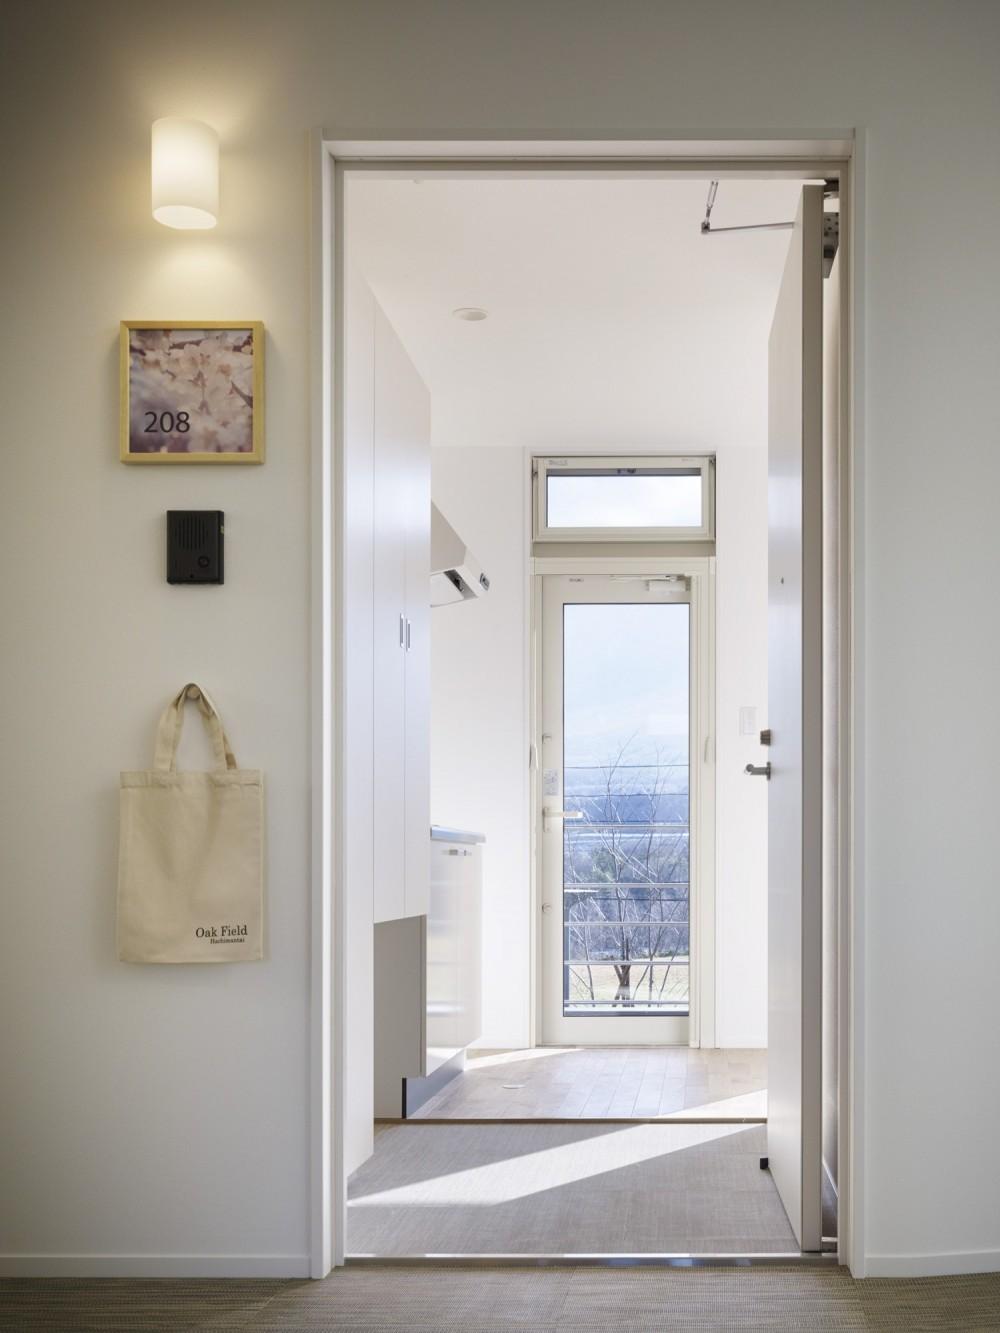 岩手の高齢者共同住宅 オークフィールド八幡平 (玄関)